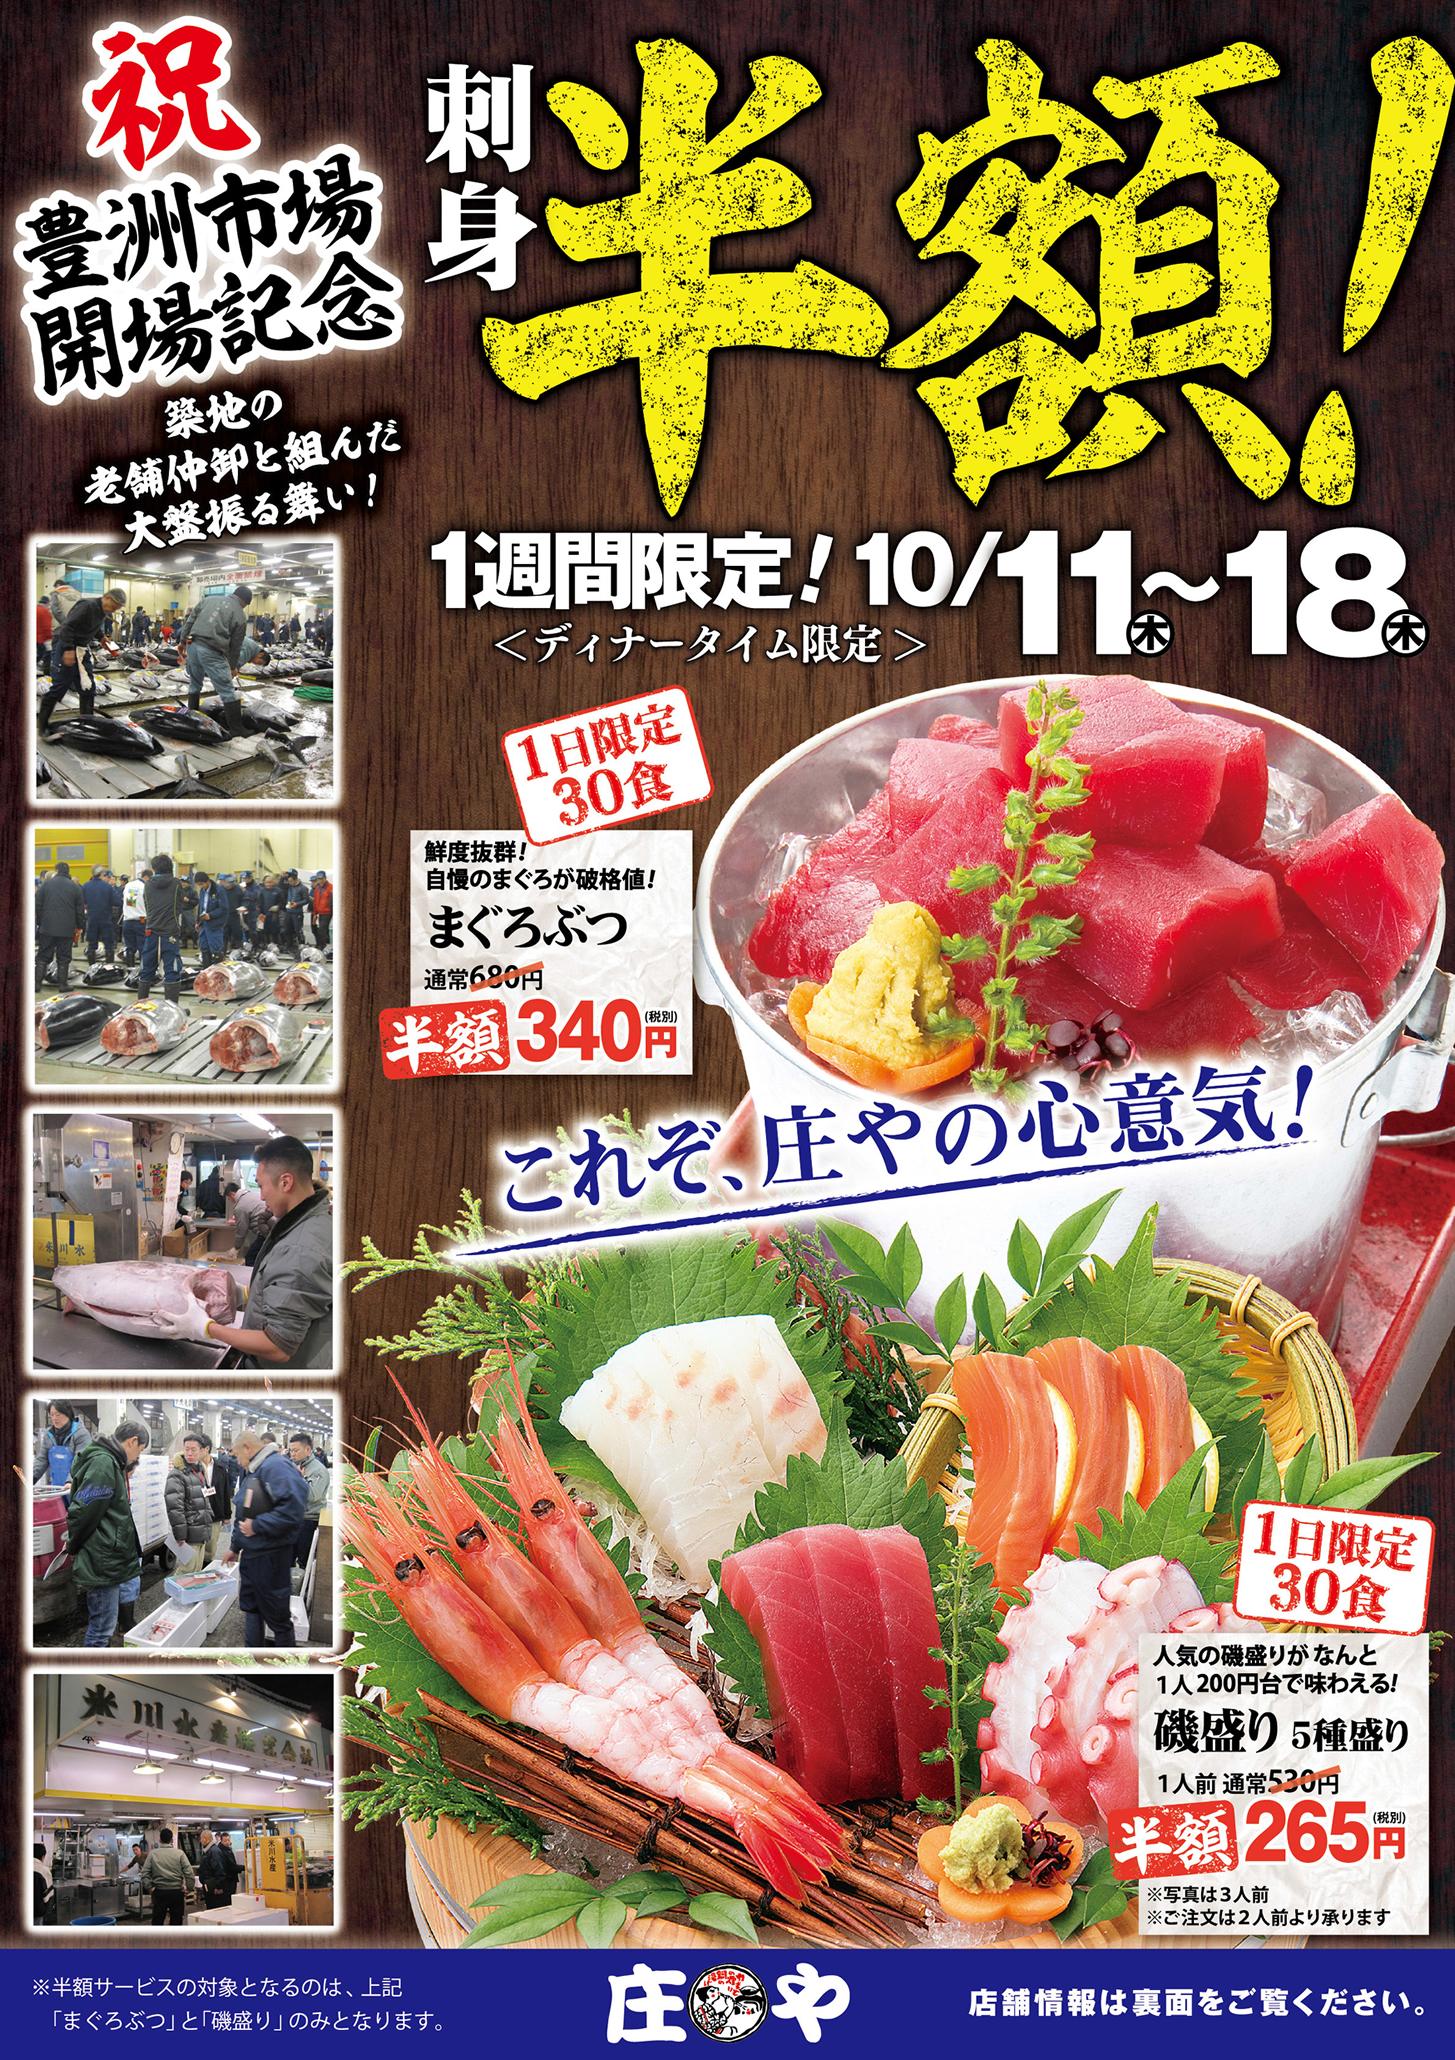 【庄や】豊洲市場開場記念イベント